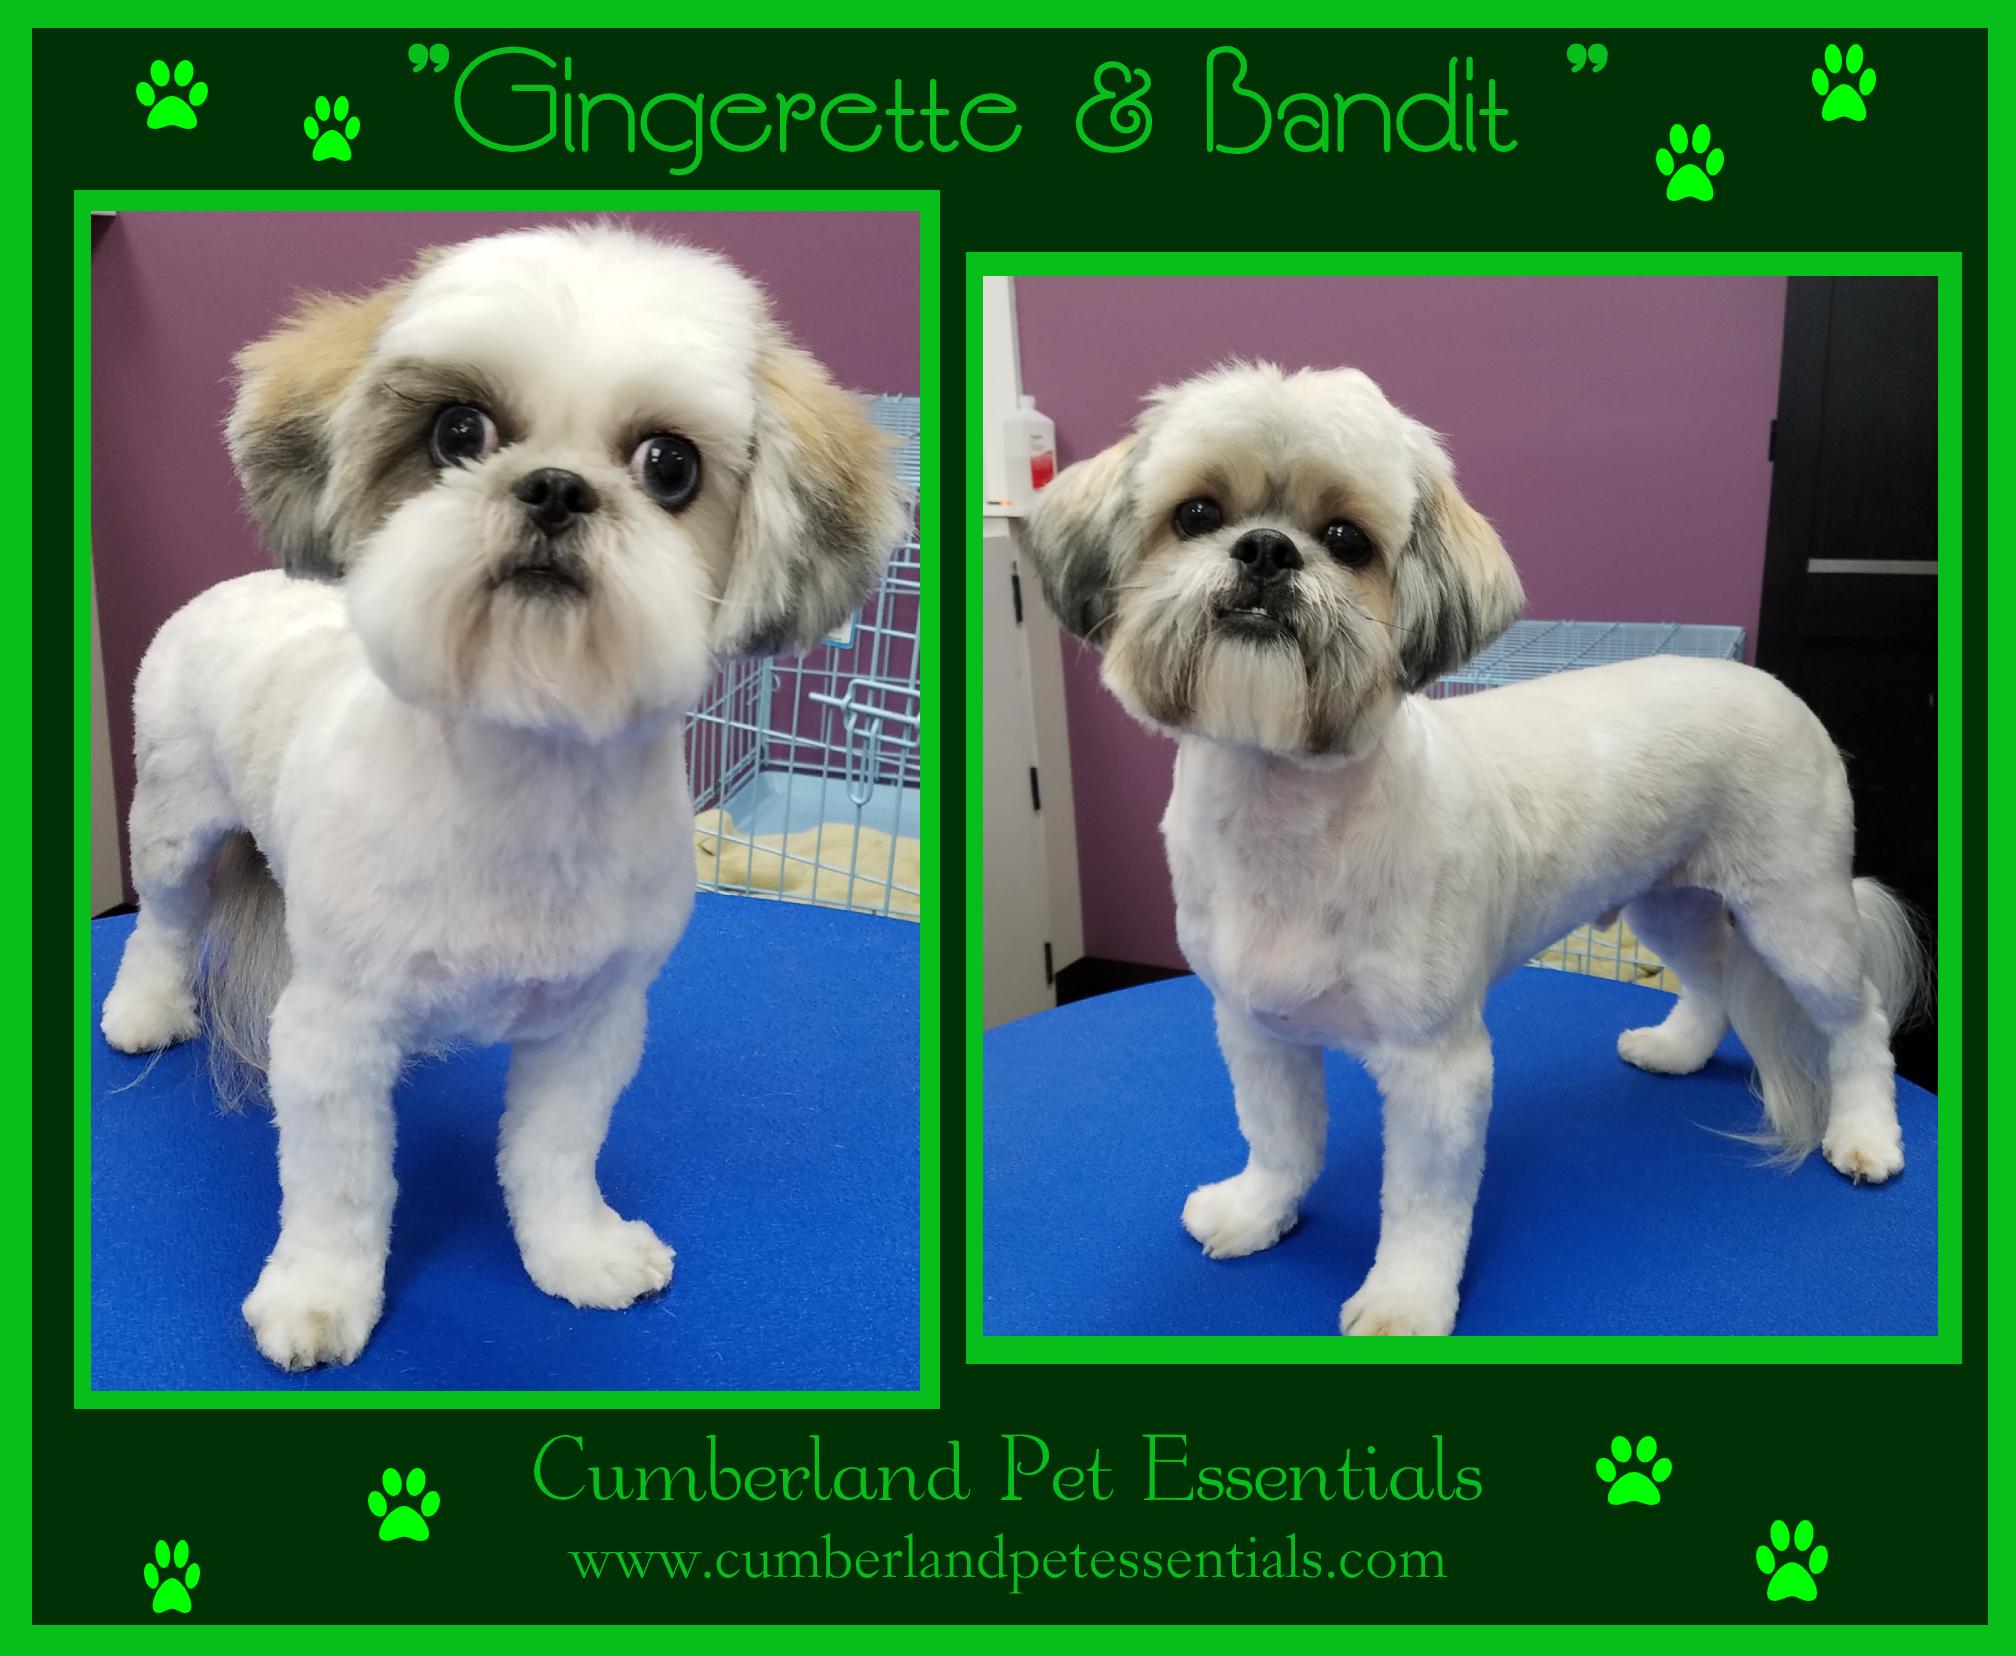 Gingerette and Bandit